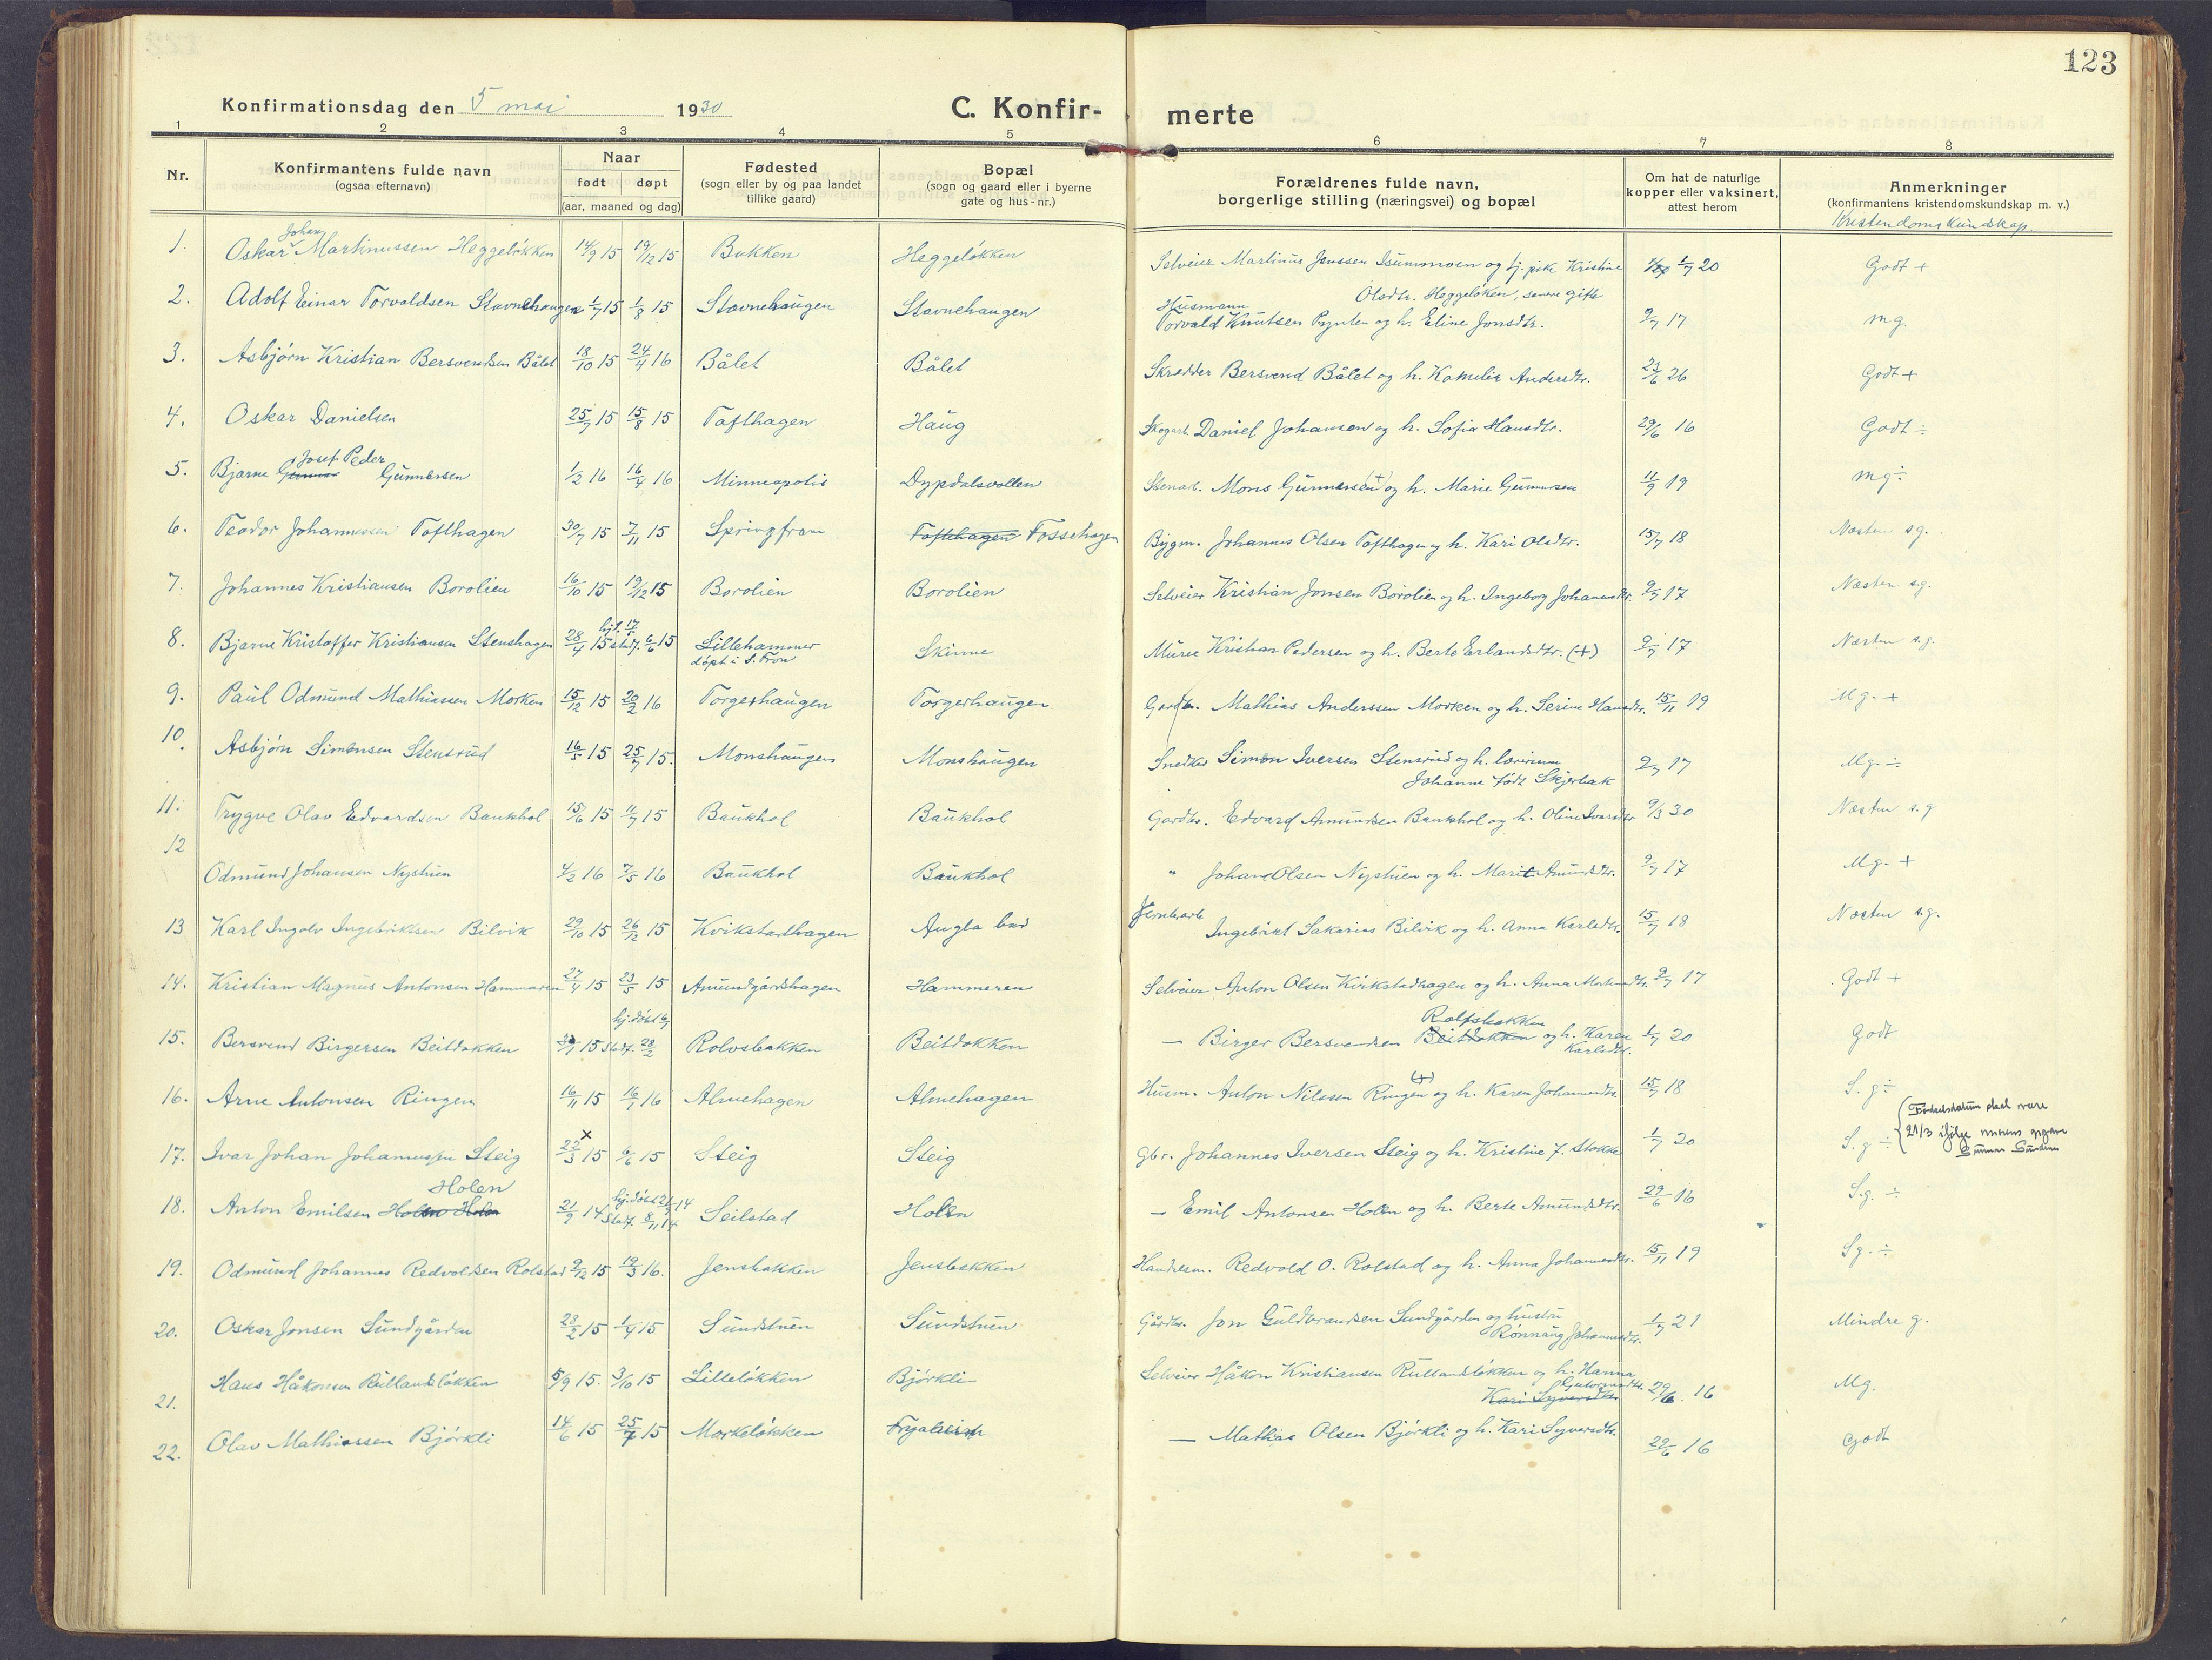 SAH, Sør-Fron prestekontor, H/Ha/Haa/L0005: Ministerialbok nr. 5, 1920-1933, s. 123